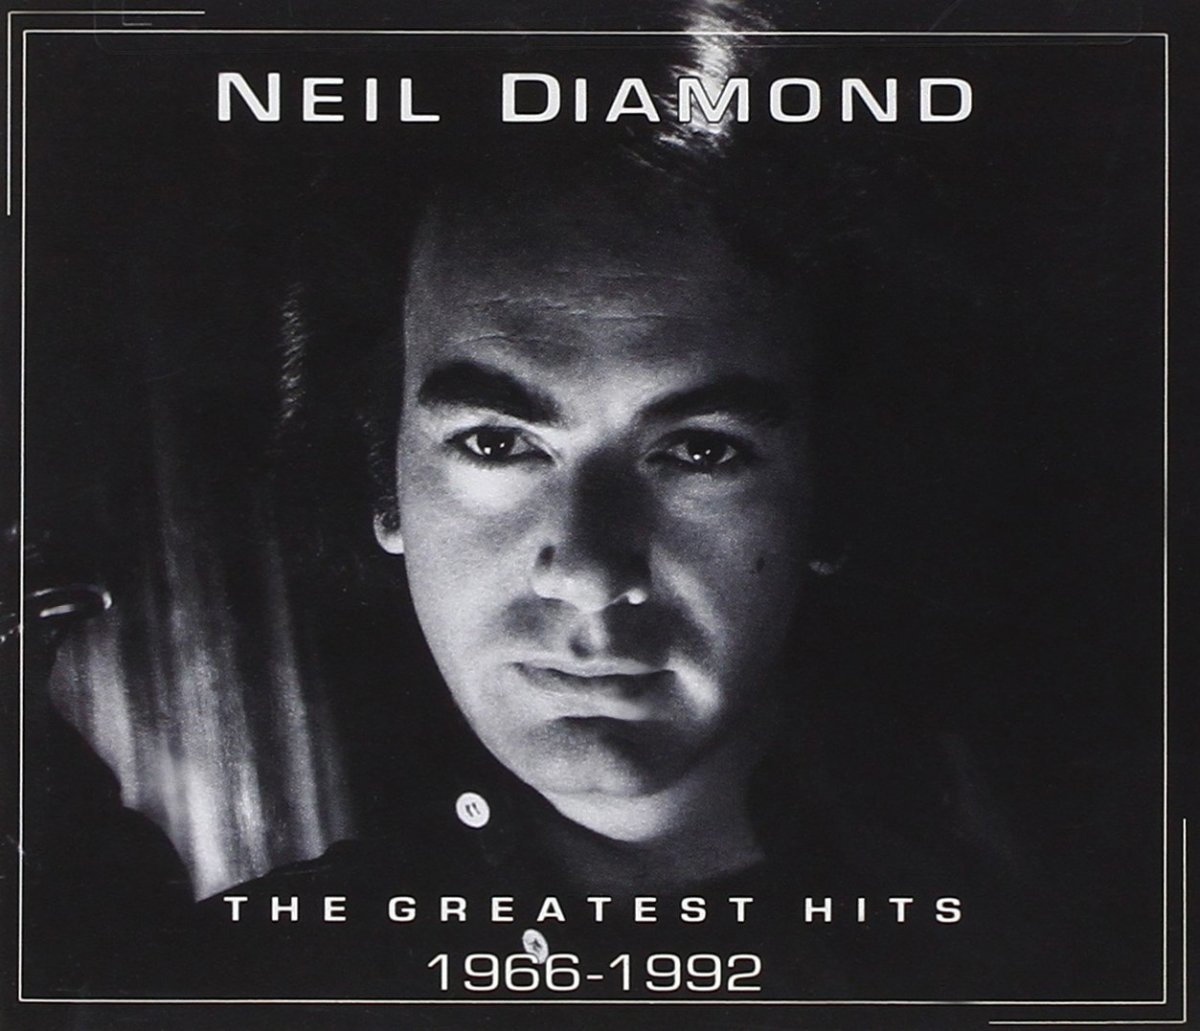 me-and-neil-diamond